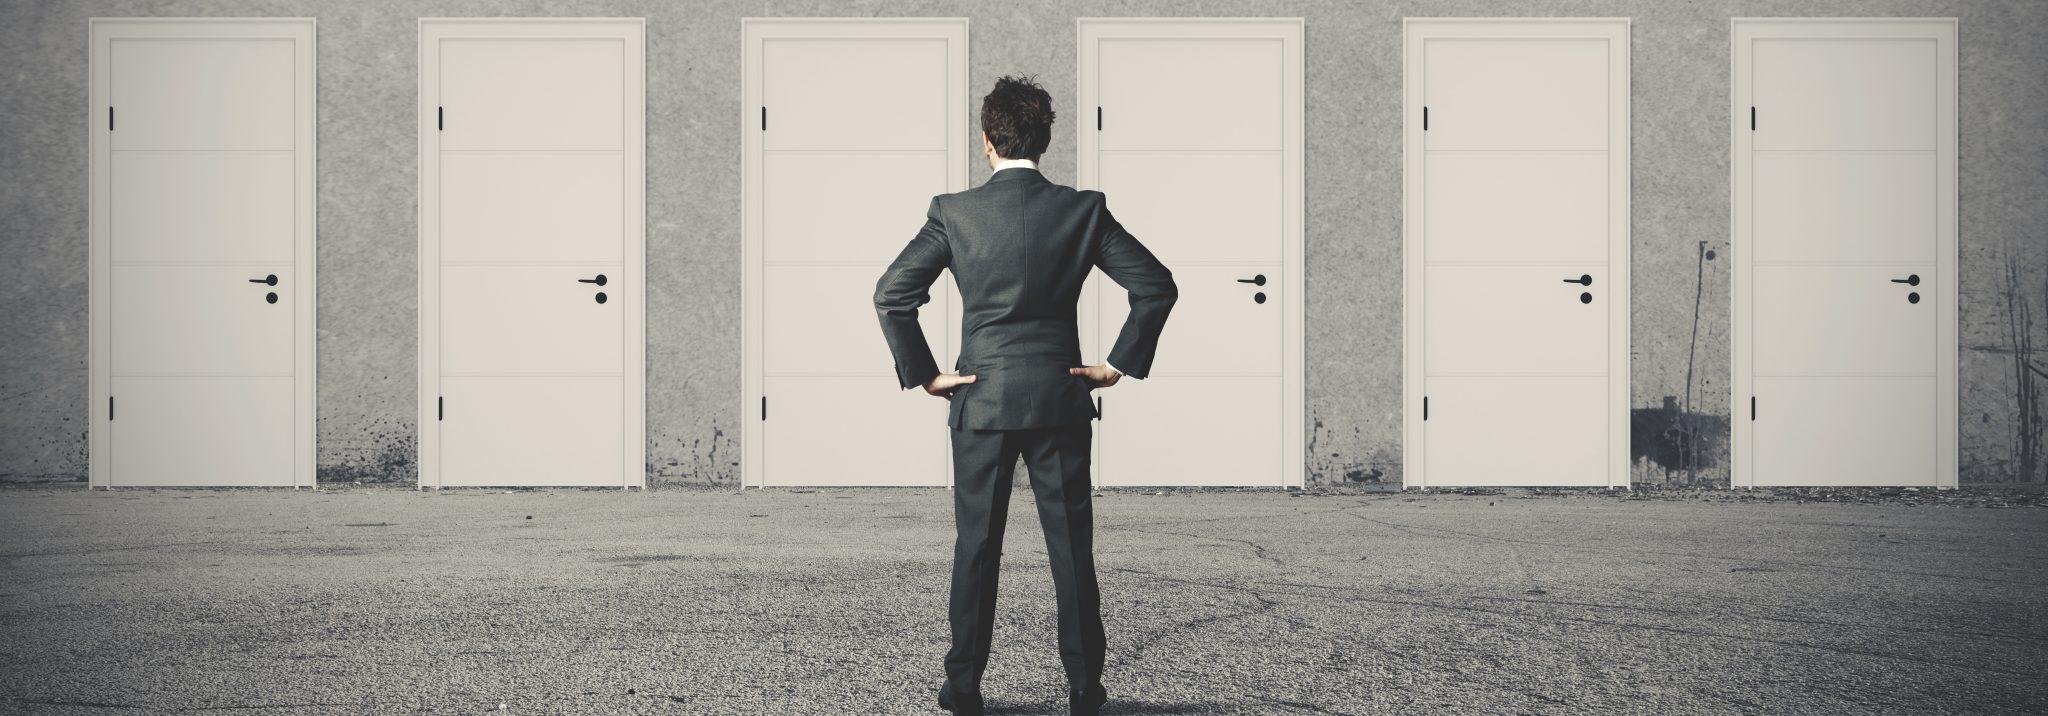 Mann steht vor Türen